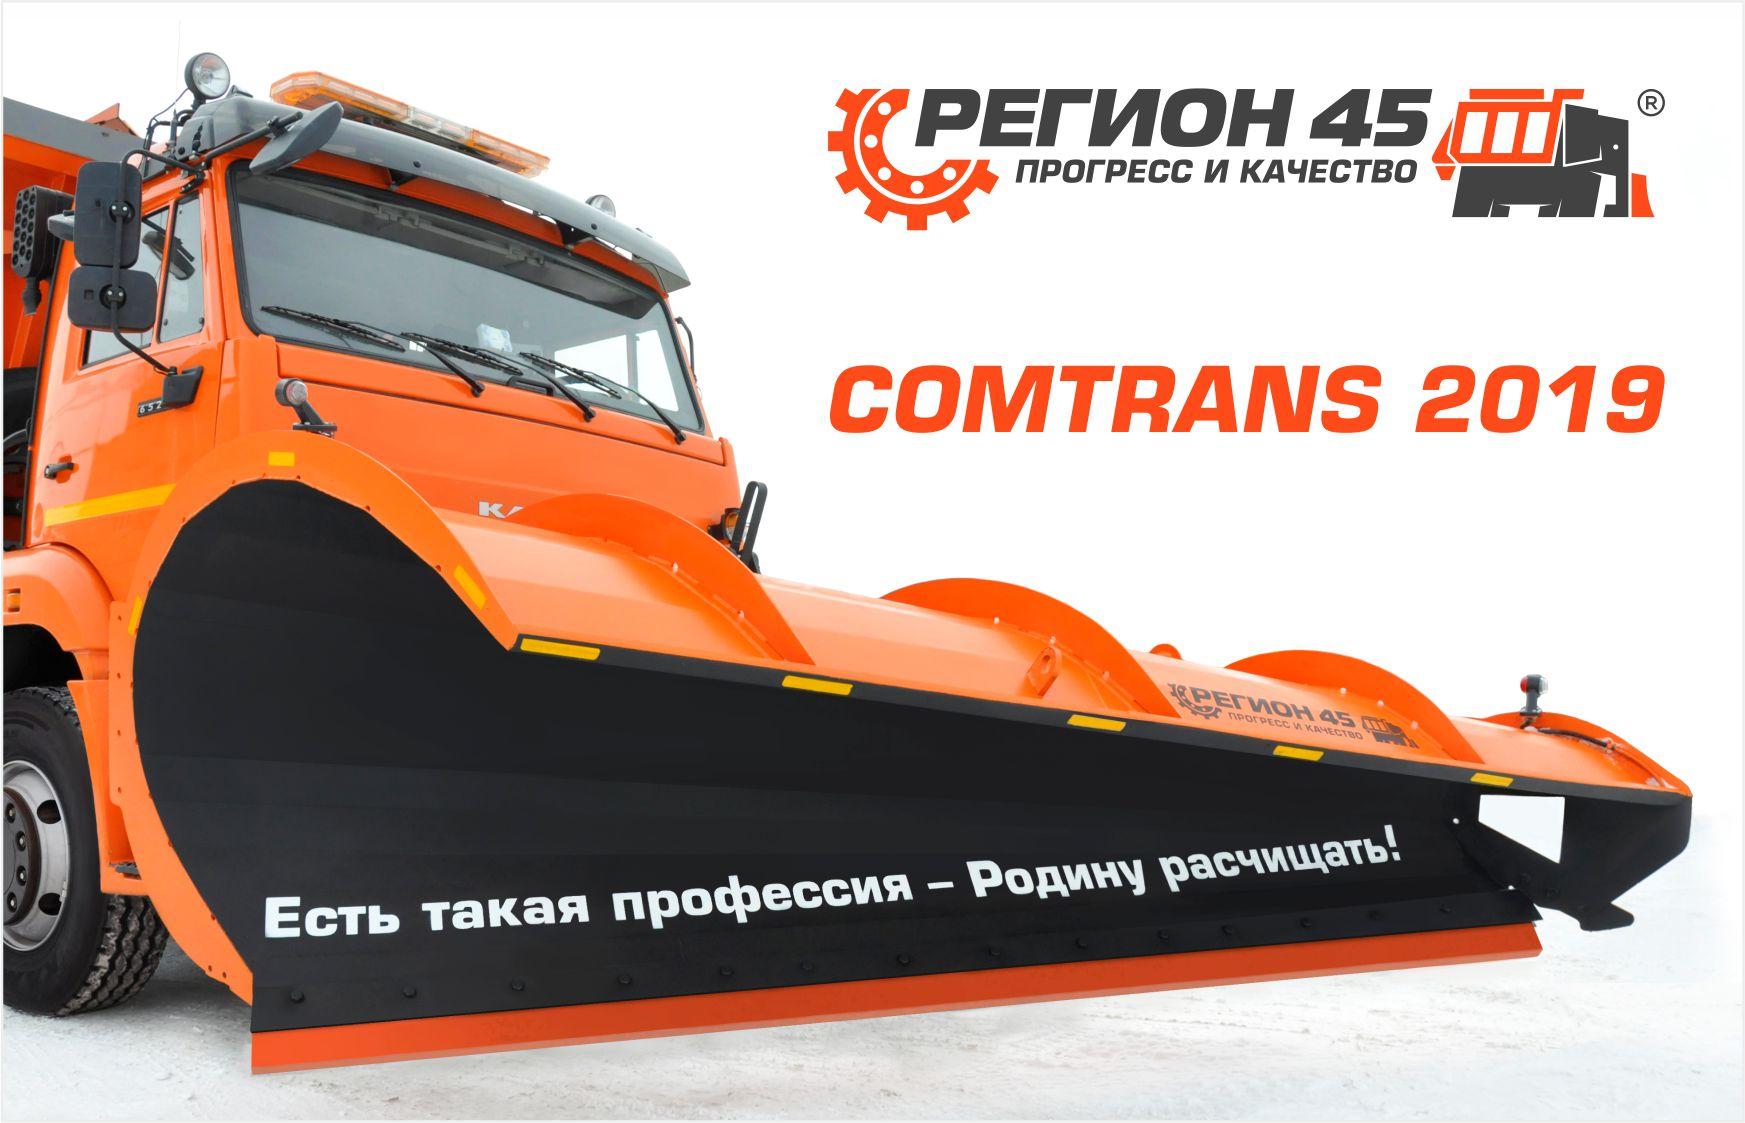 Выставка COMTRANS 2019 Регион 45